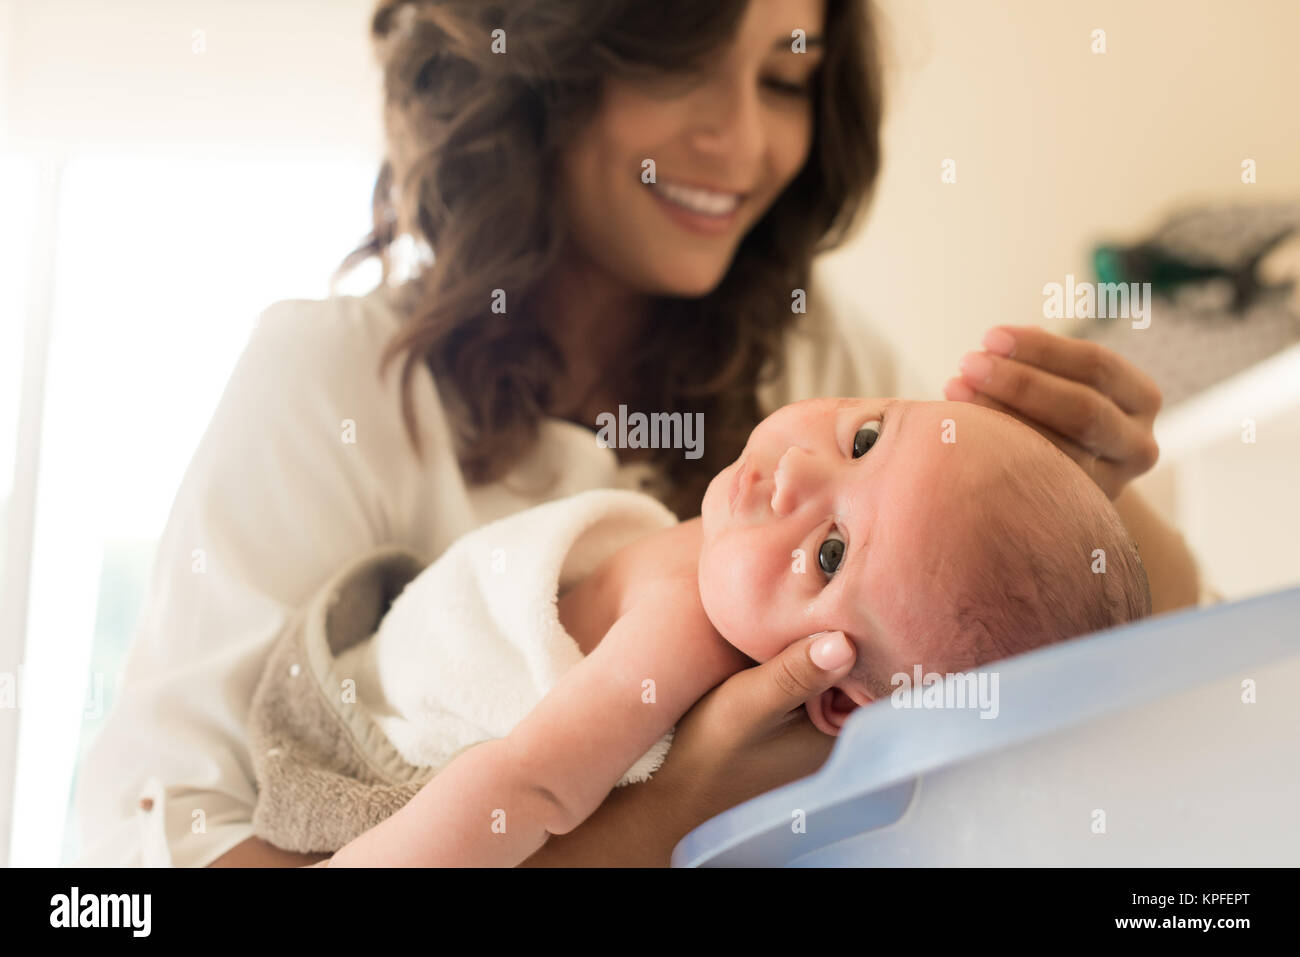 Vasca Da Bagno Neonato : Madre di lavaggio di un neonato in una vasca da bagno foto